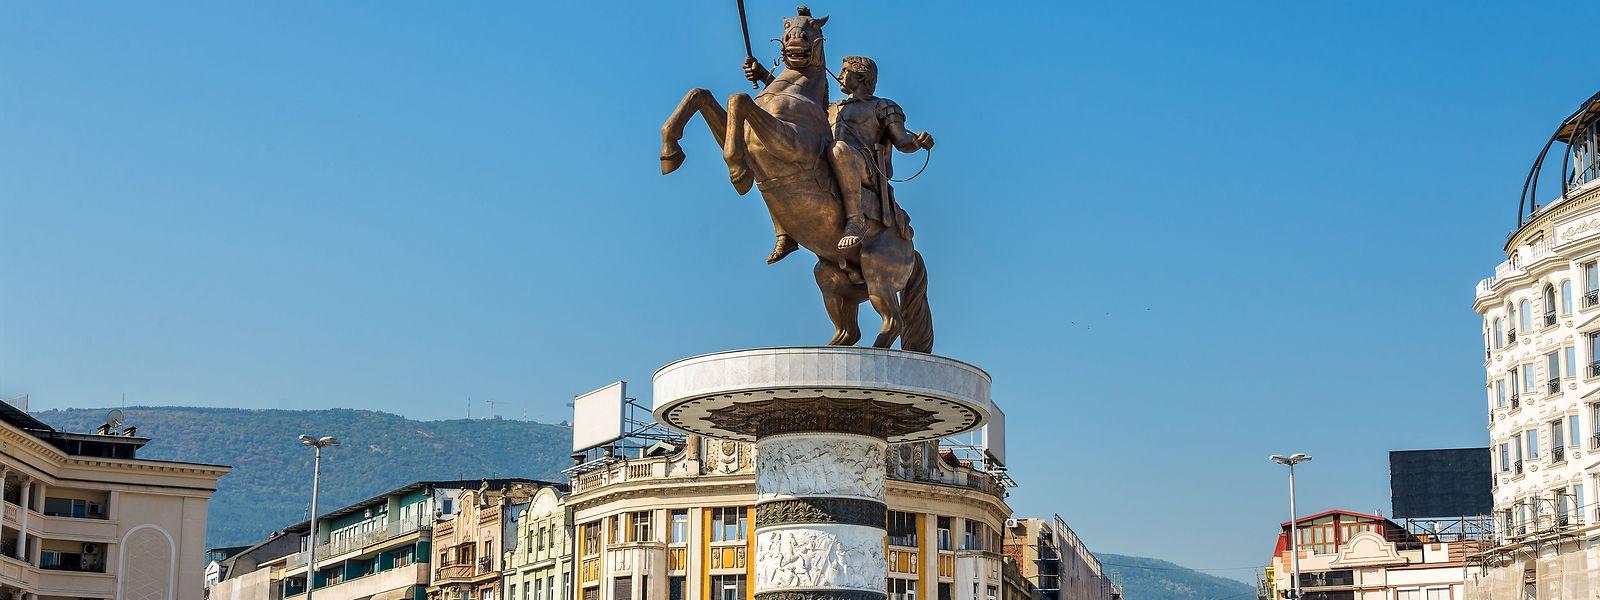 """""""Der Krieger auf dem Pferd"""" in Skopje ist ein Symbol des herrschenden Nationalismus der Mazedonier unter Premier Nikola Gruevski, der von 2006 bis 2016 regierte."""